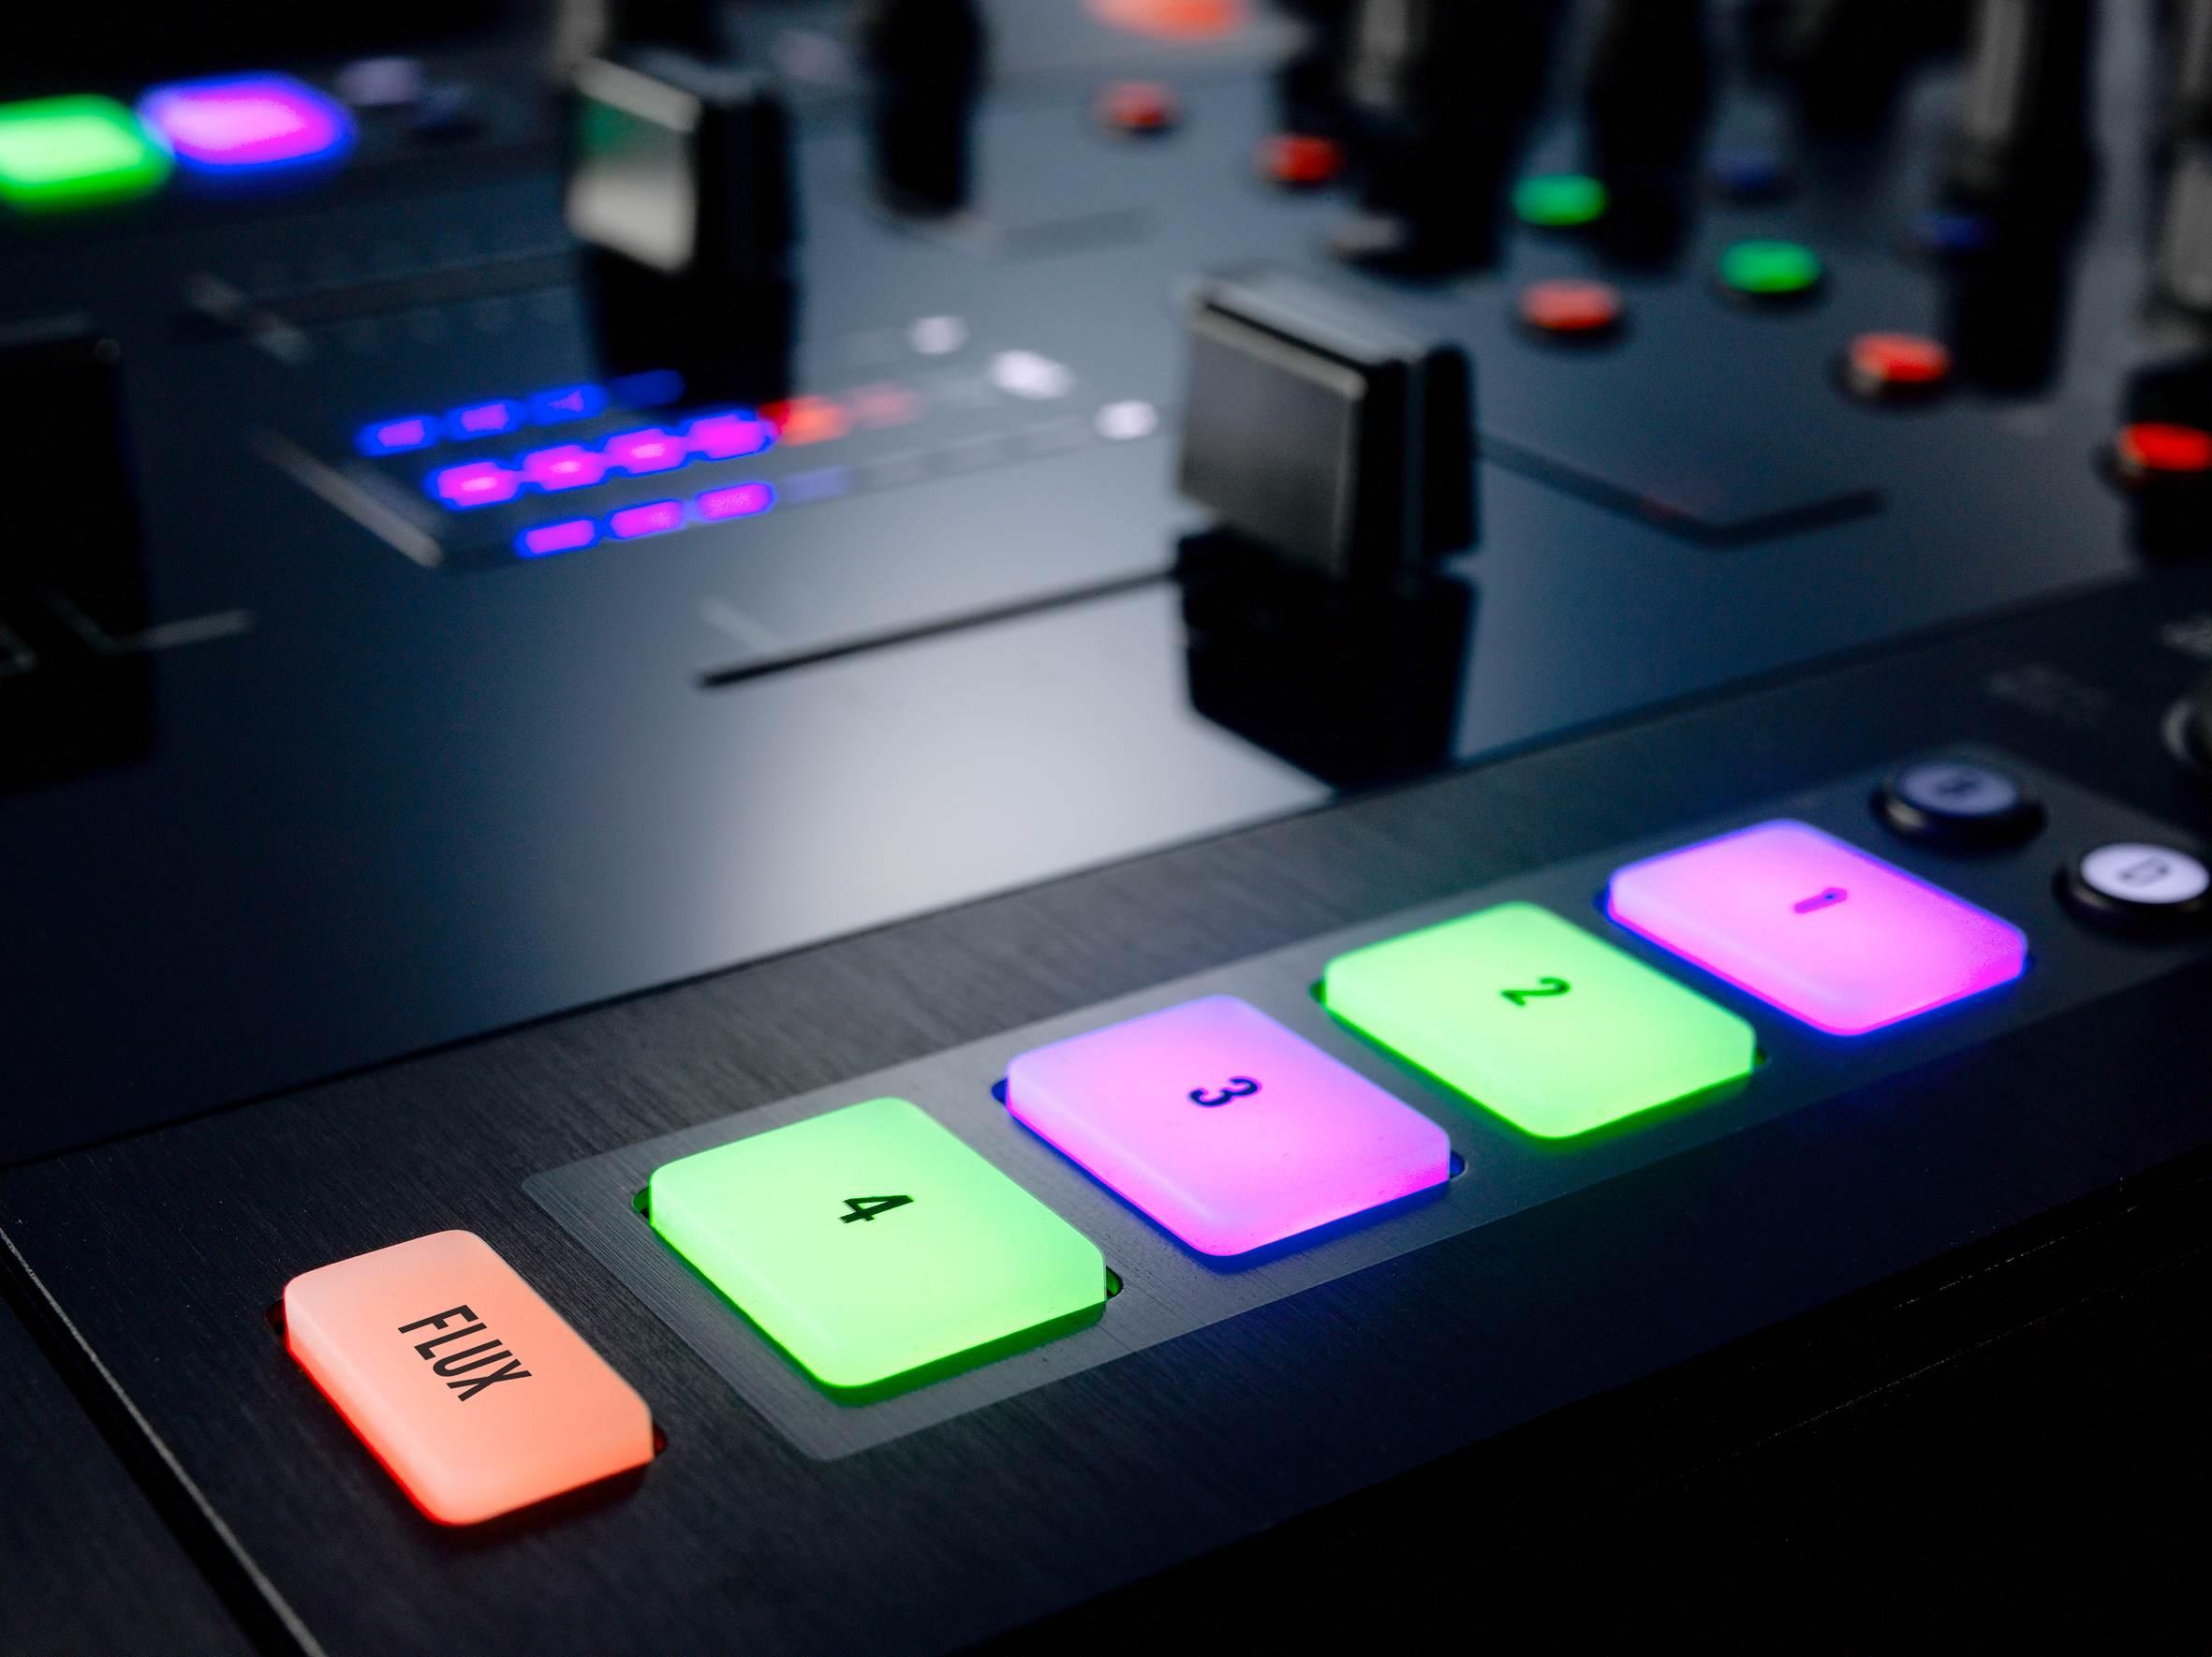 A Mixer, A Soundcard, a Controller: NI Traktor Kontrol Z2